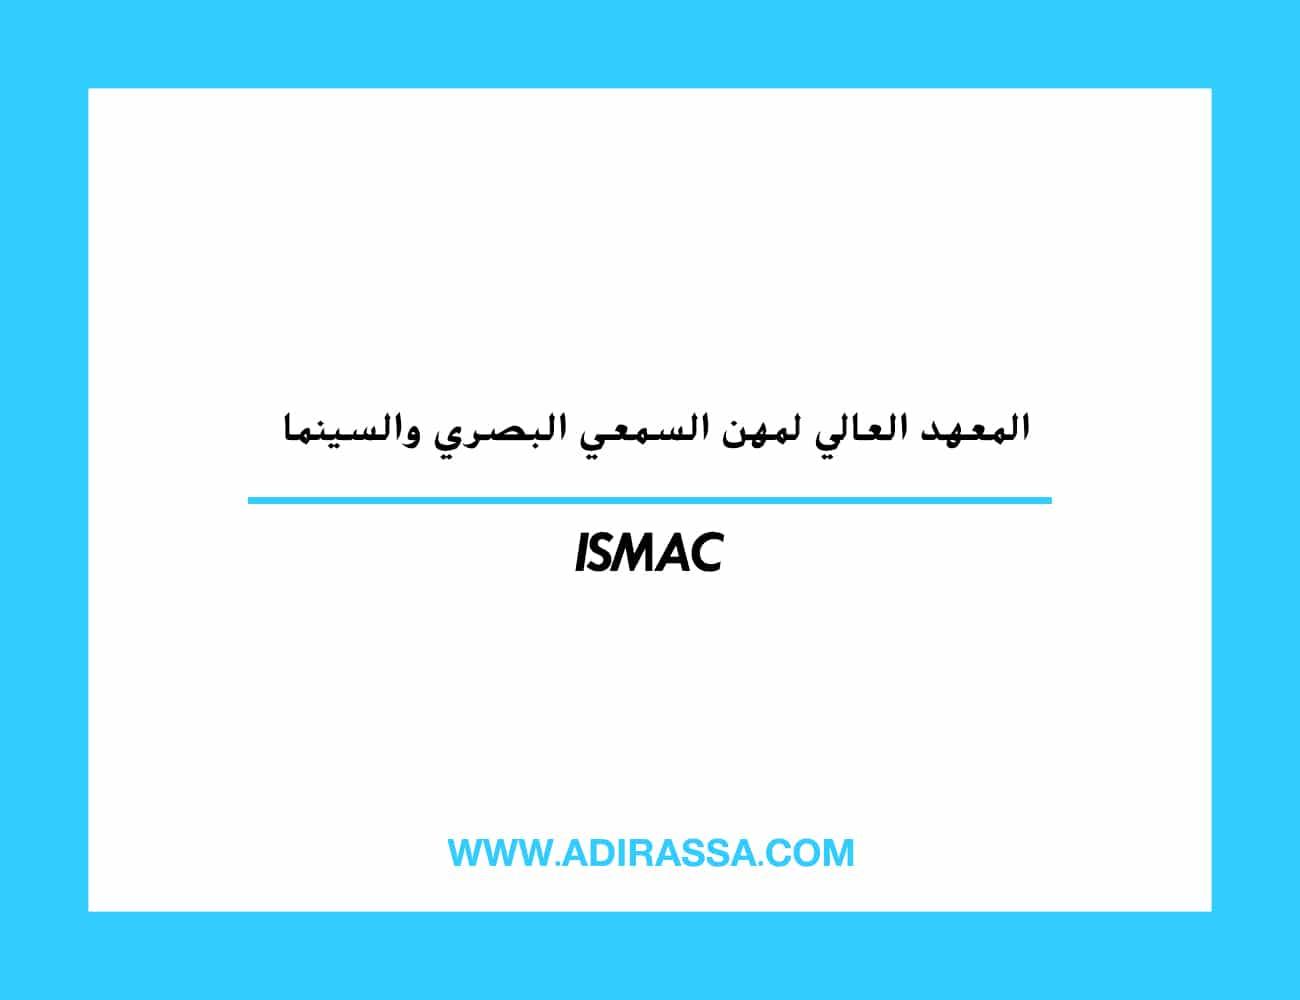 المعهد العالي لمهن السمعي البصري والسينما بالمغرب